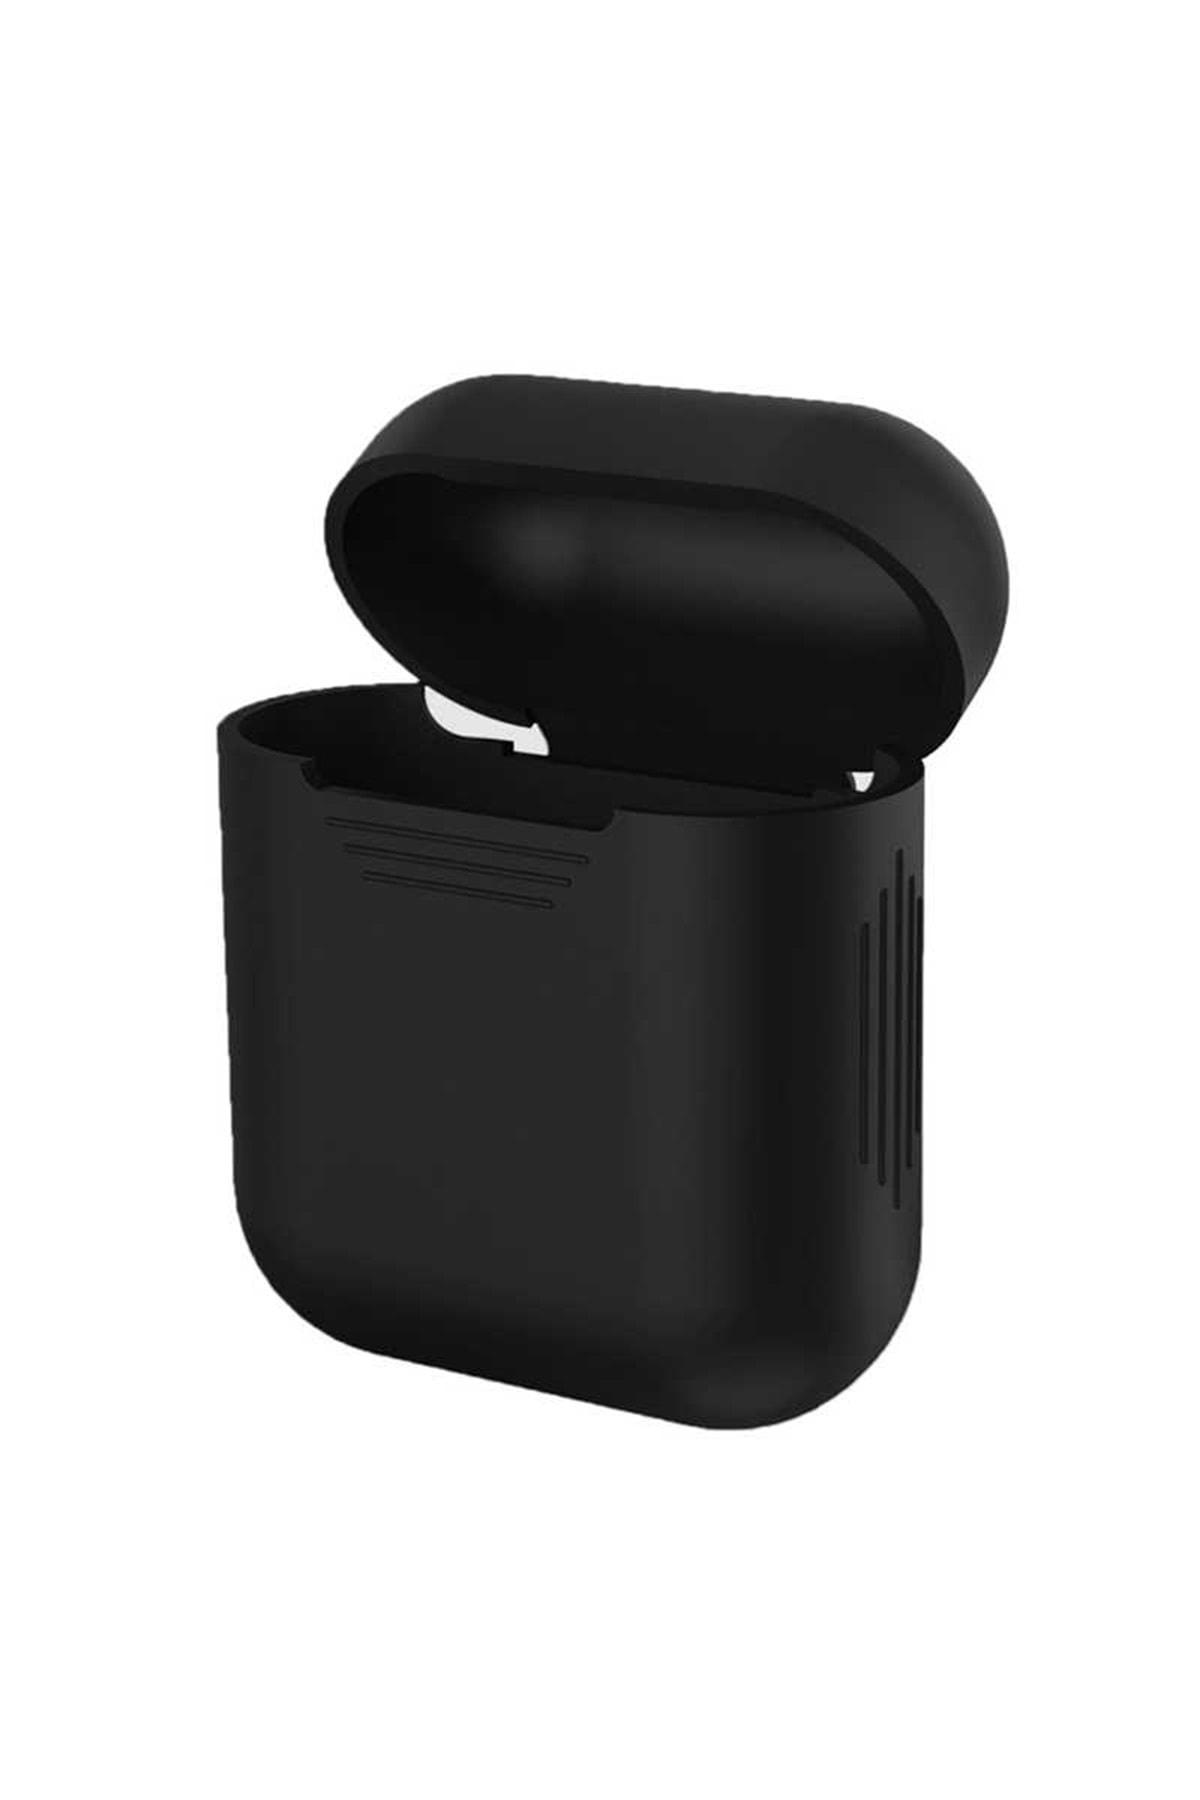 zore Siyah Apple Airpods Standart Silikon Kılıf 1